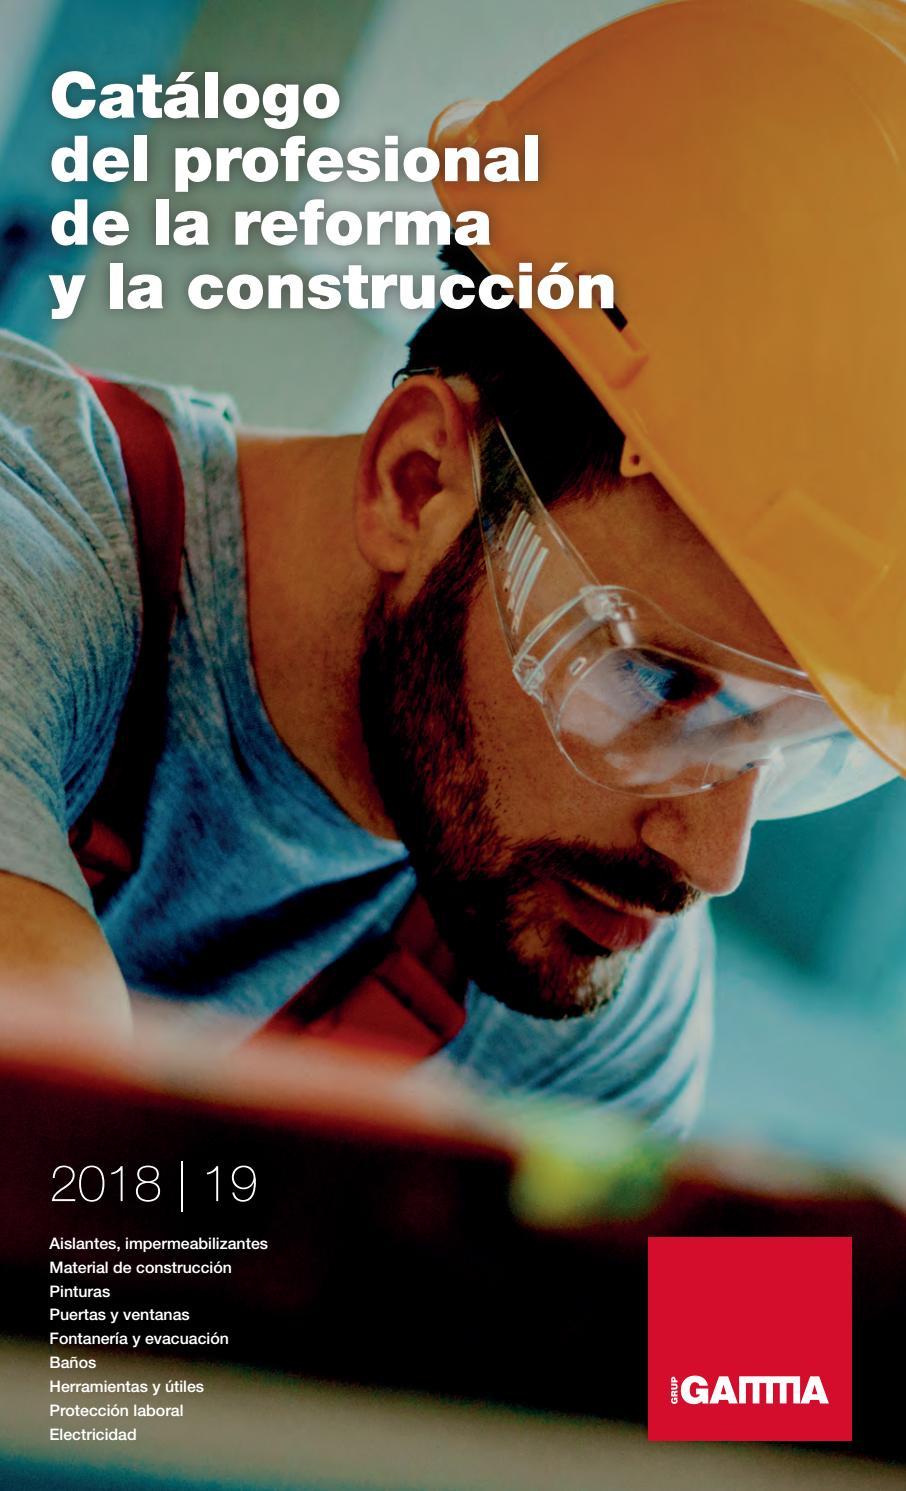 Catálogo profesional Gamma 2018 19 by GRUP GAMMA - issuu c8ceff7a9af5